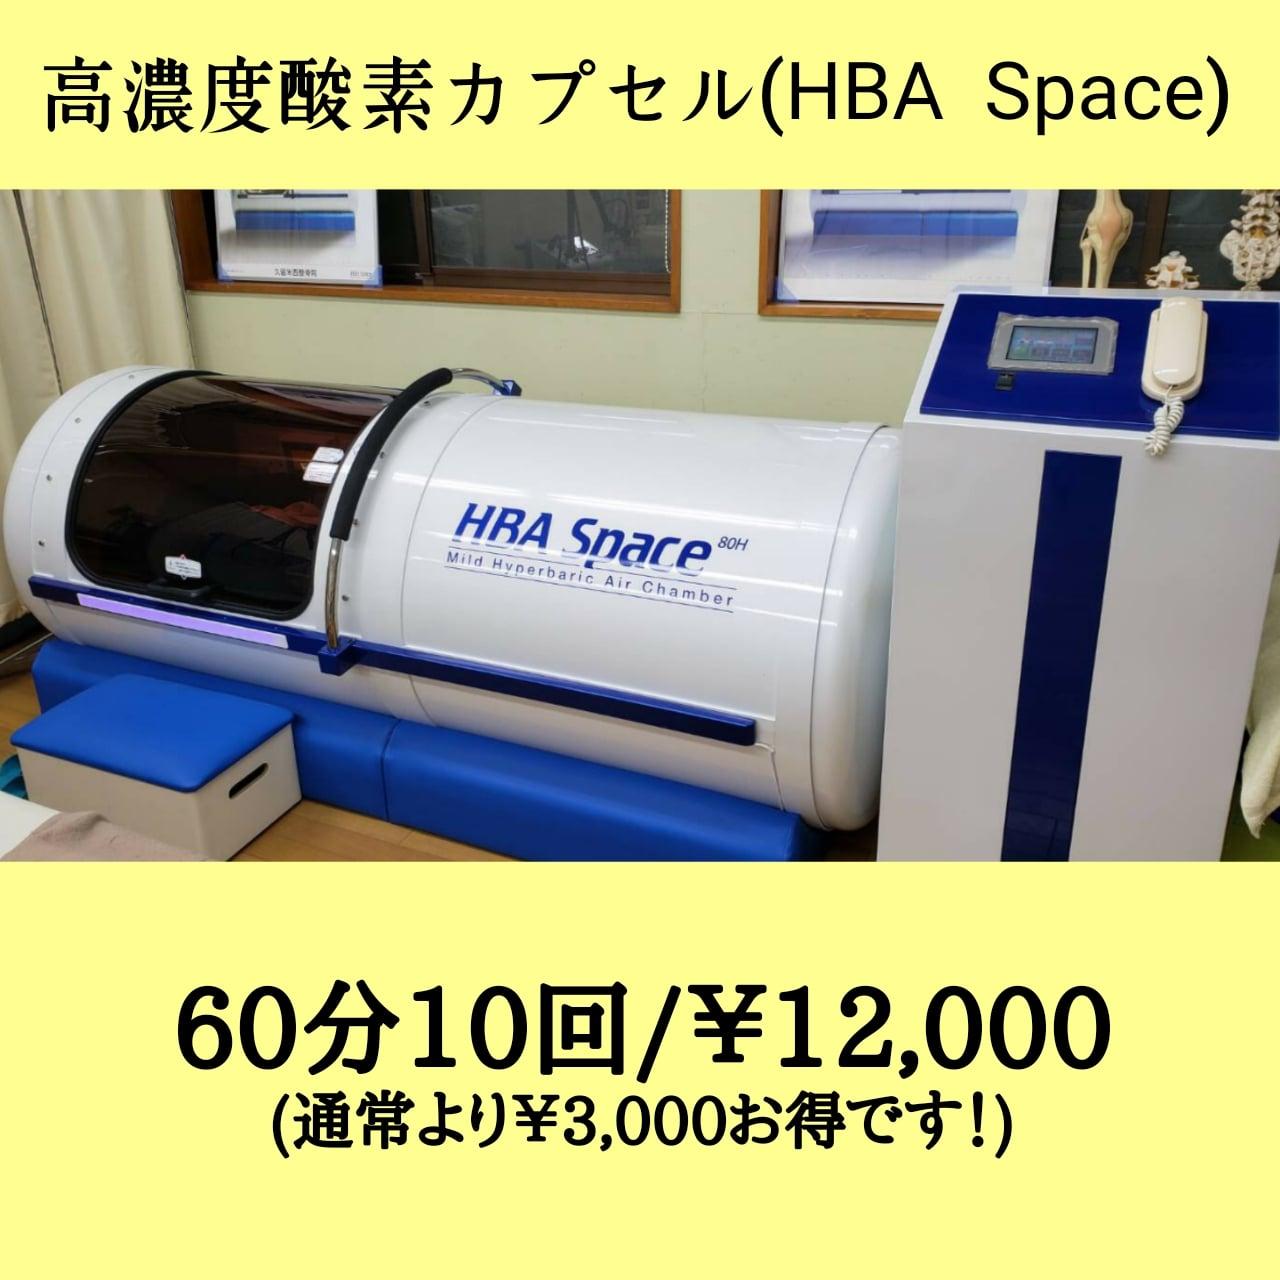 高濃度酸素カプセル(HBA Space)60分10回券/12,000円チケットのイメージその1